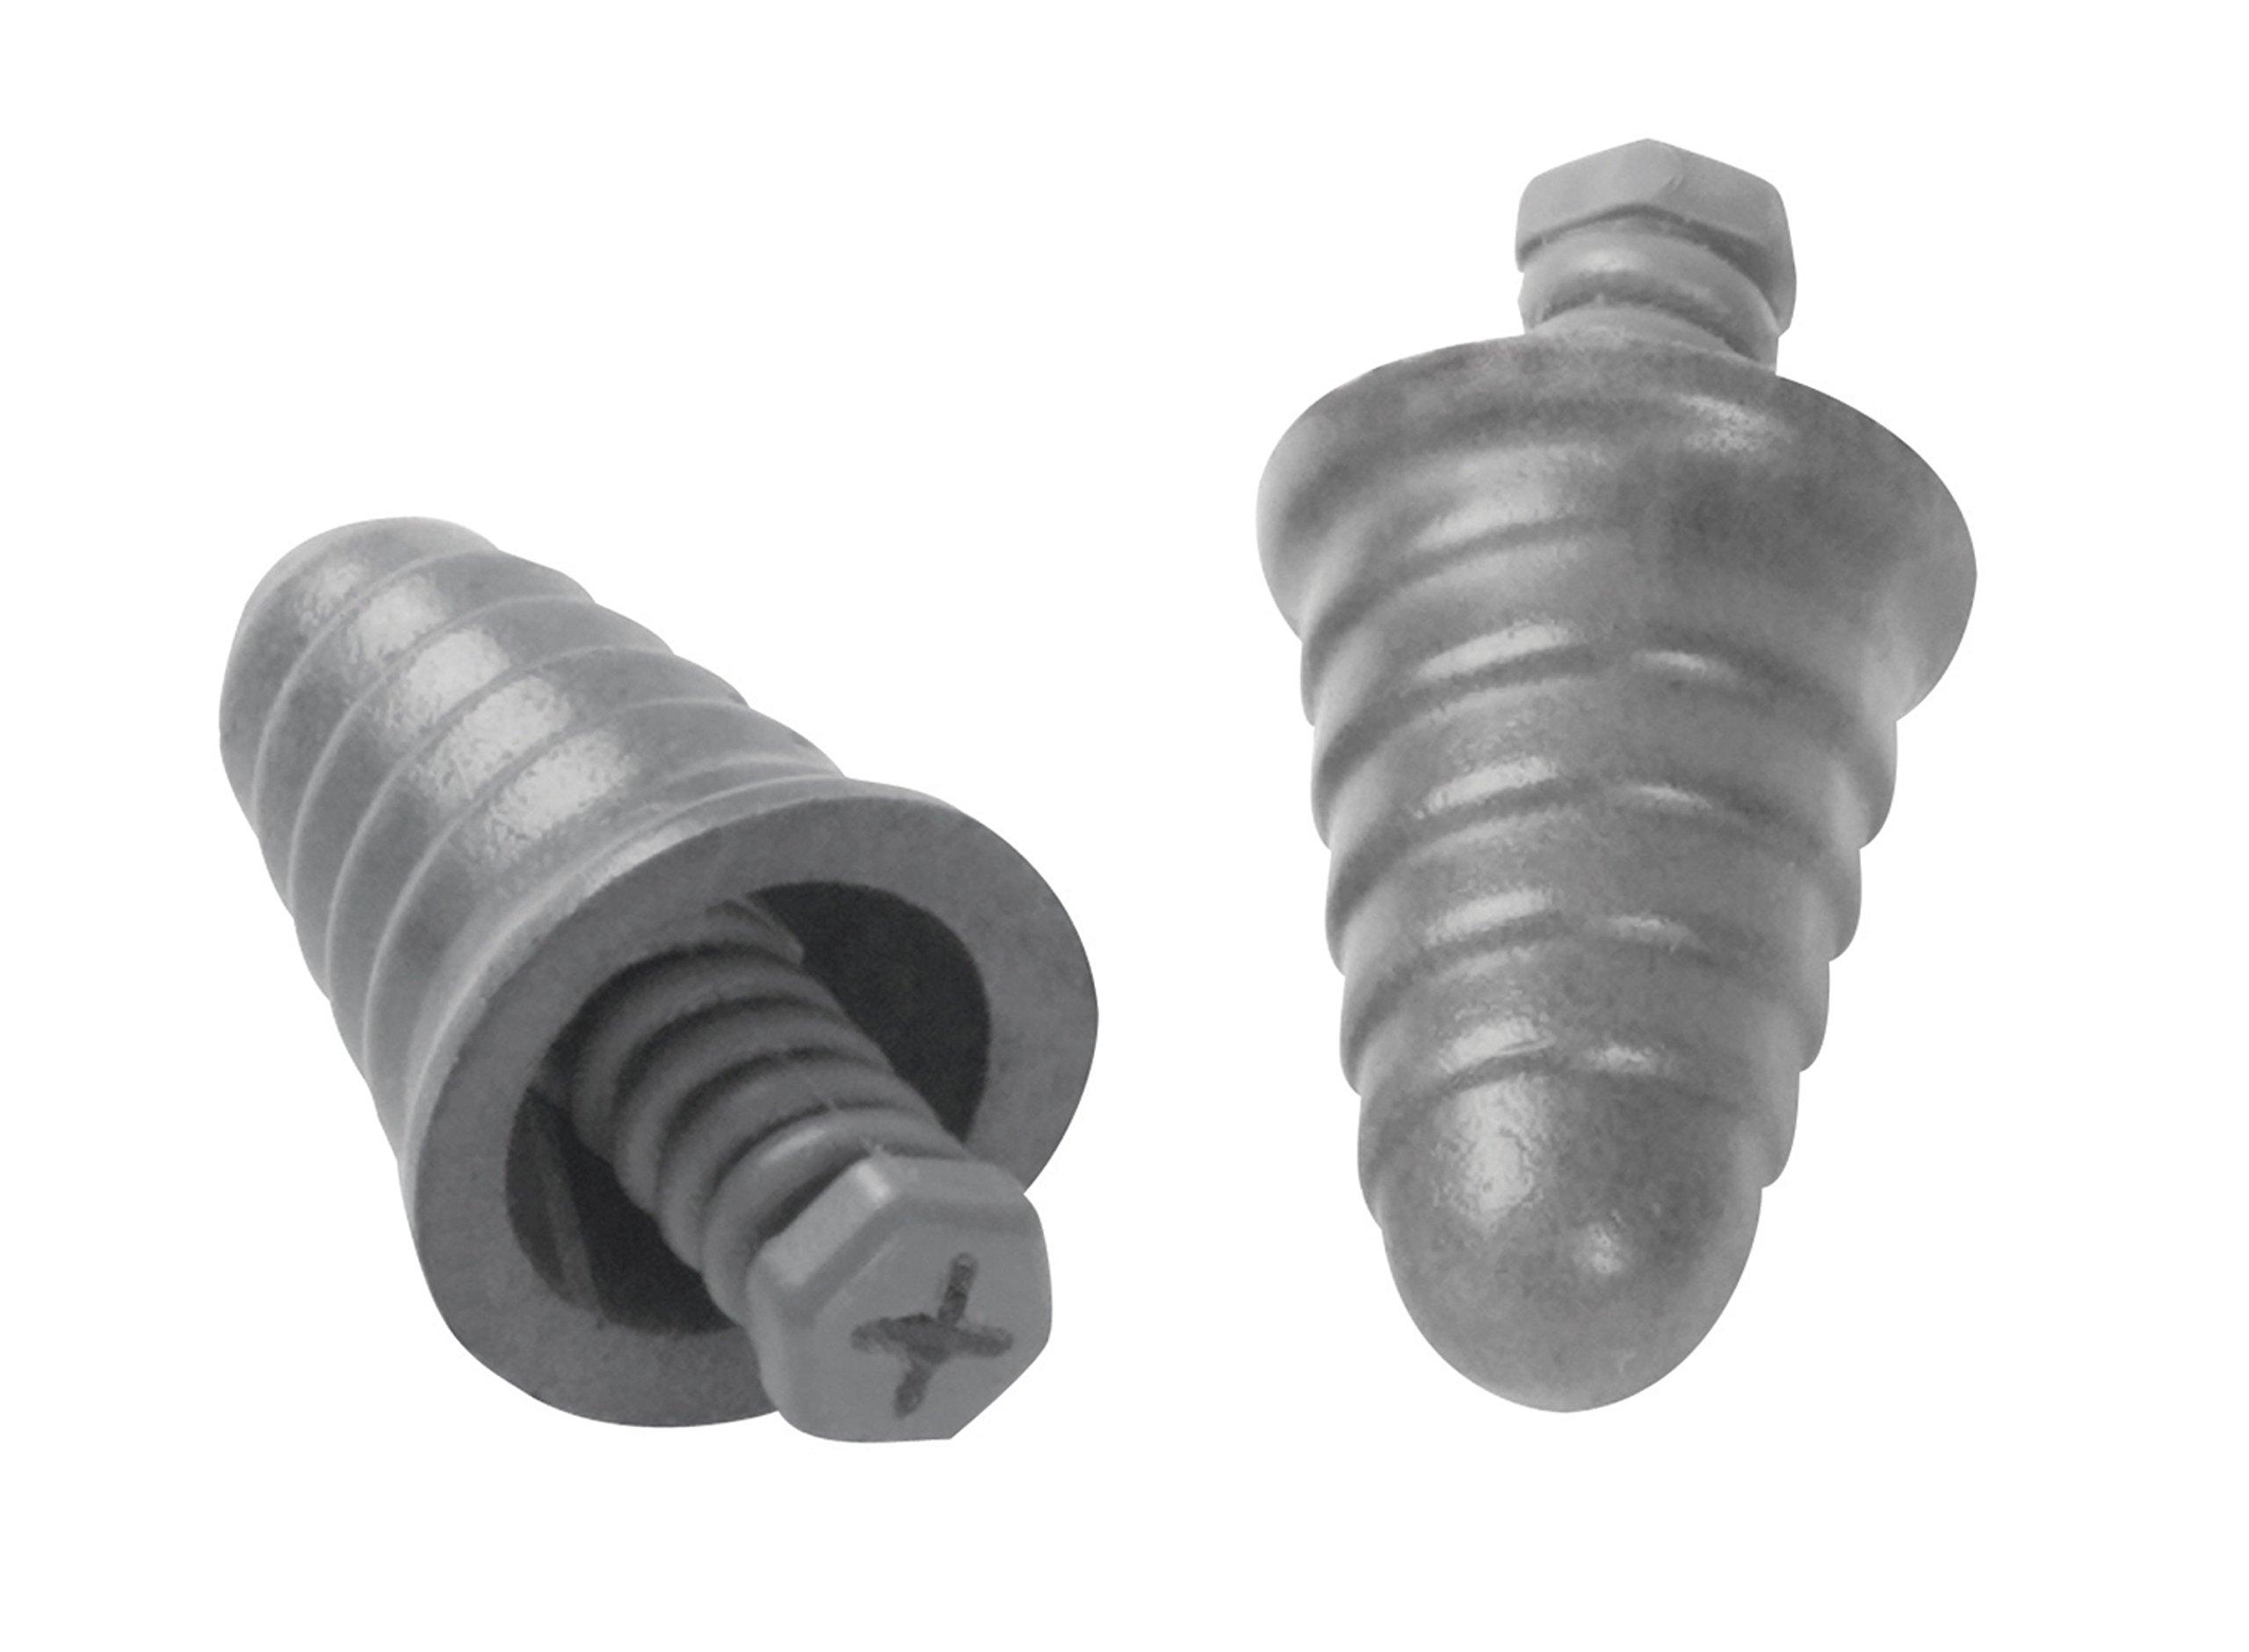 3M Peltor Skull Screw Earplugs, 120-Pair by 3M